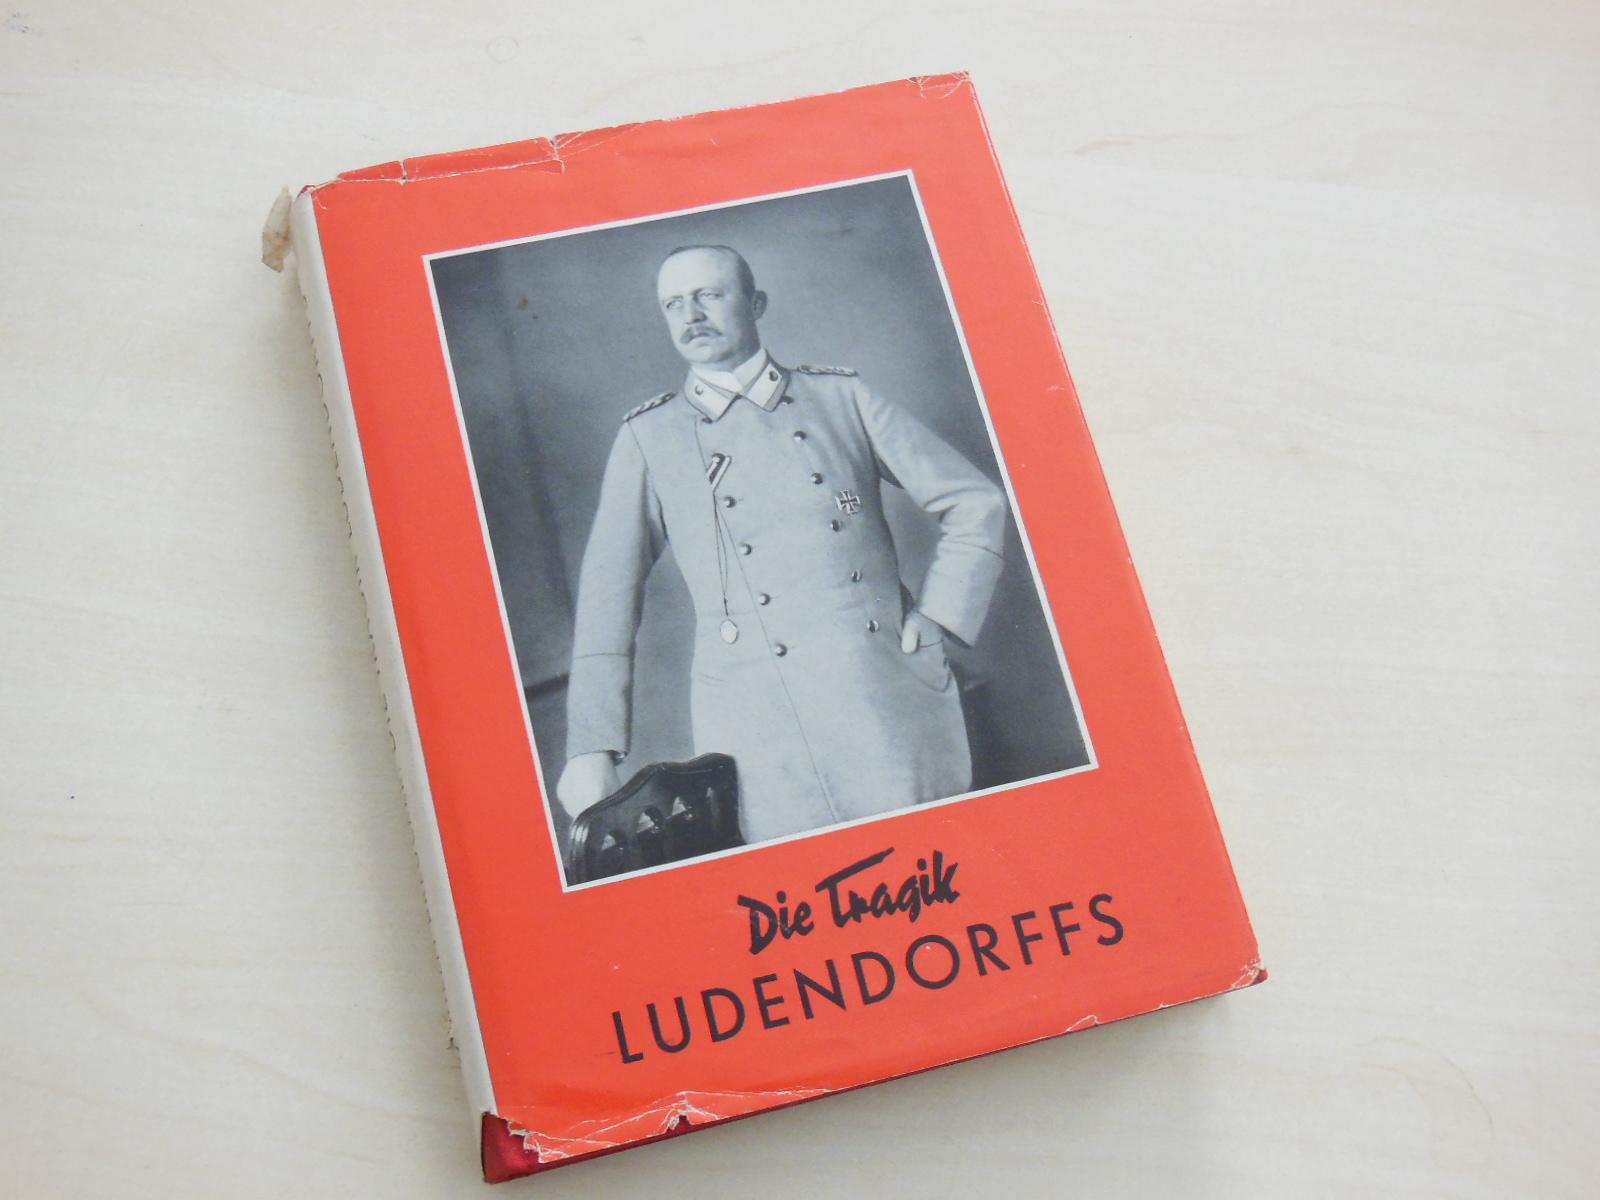 Die Tragik Ludendorffs. Eine kritische Studie auf: Ludendorff, E. -